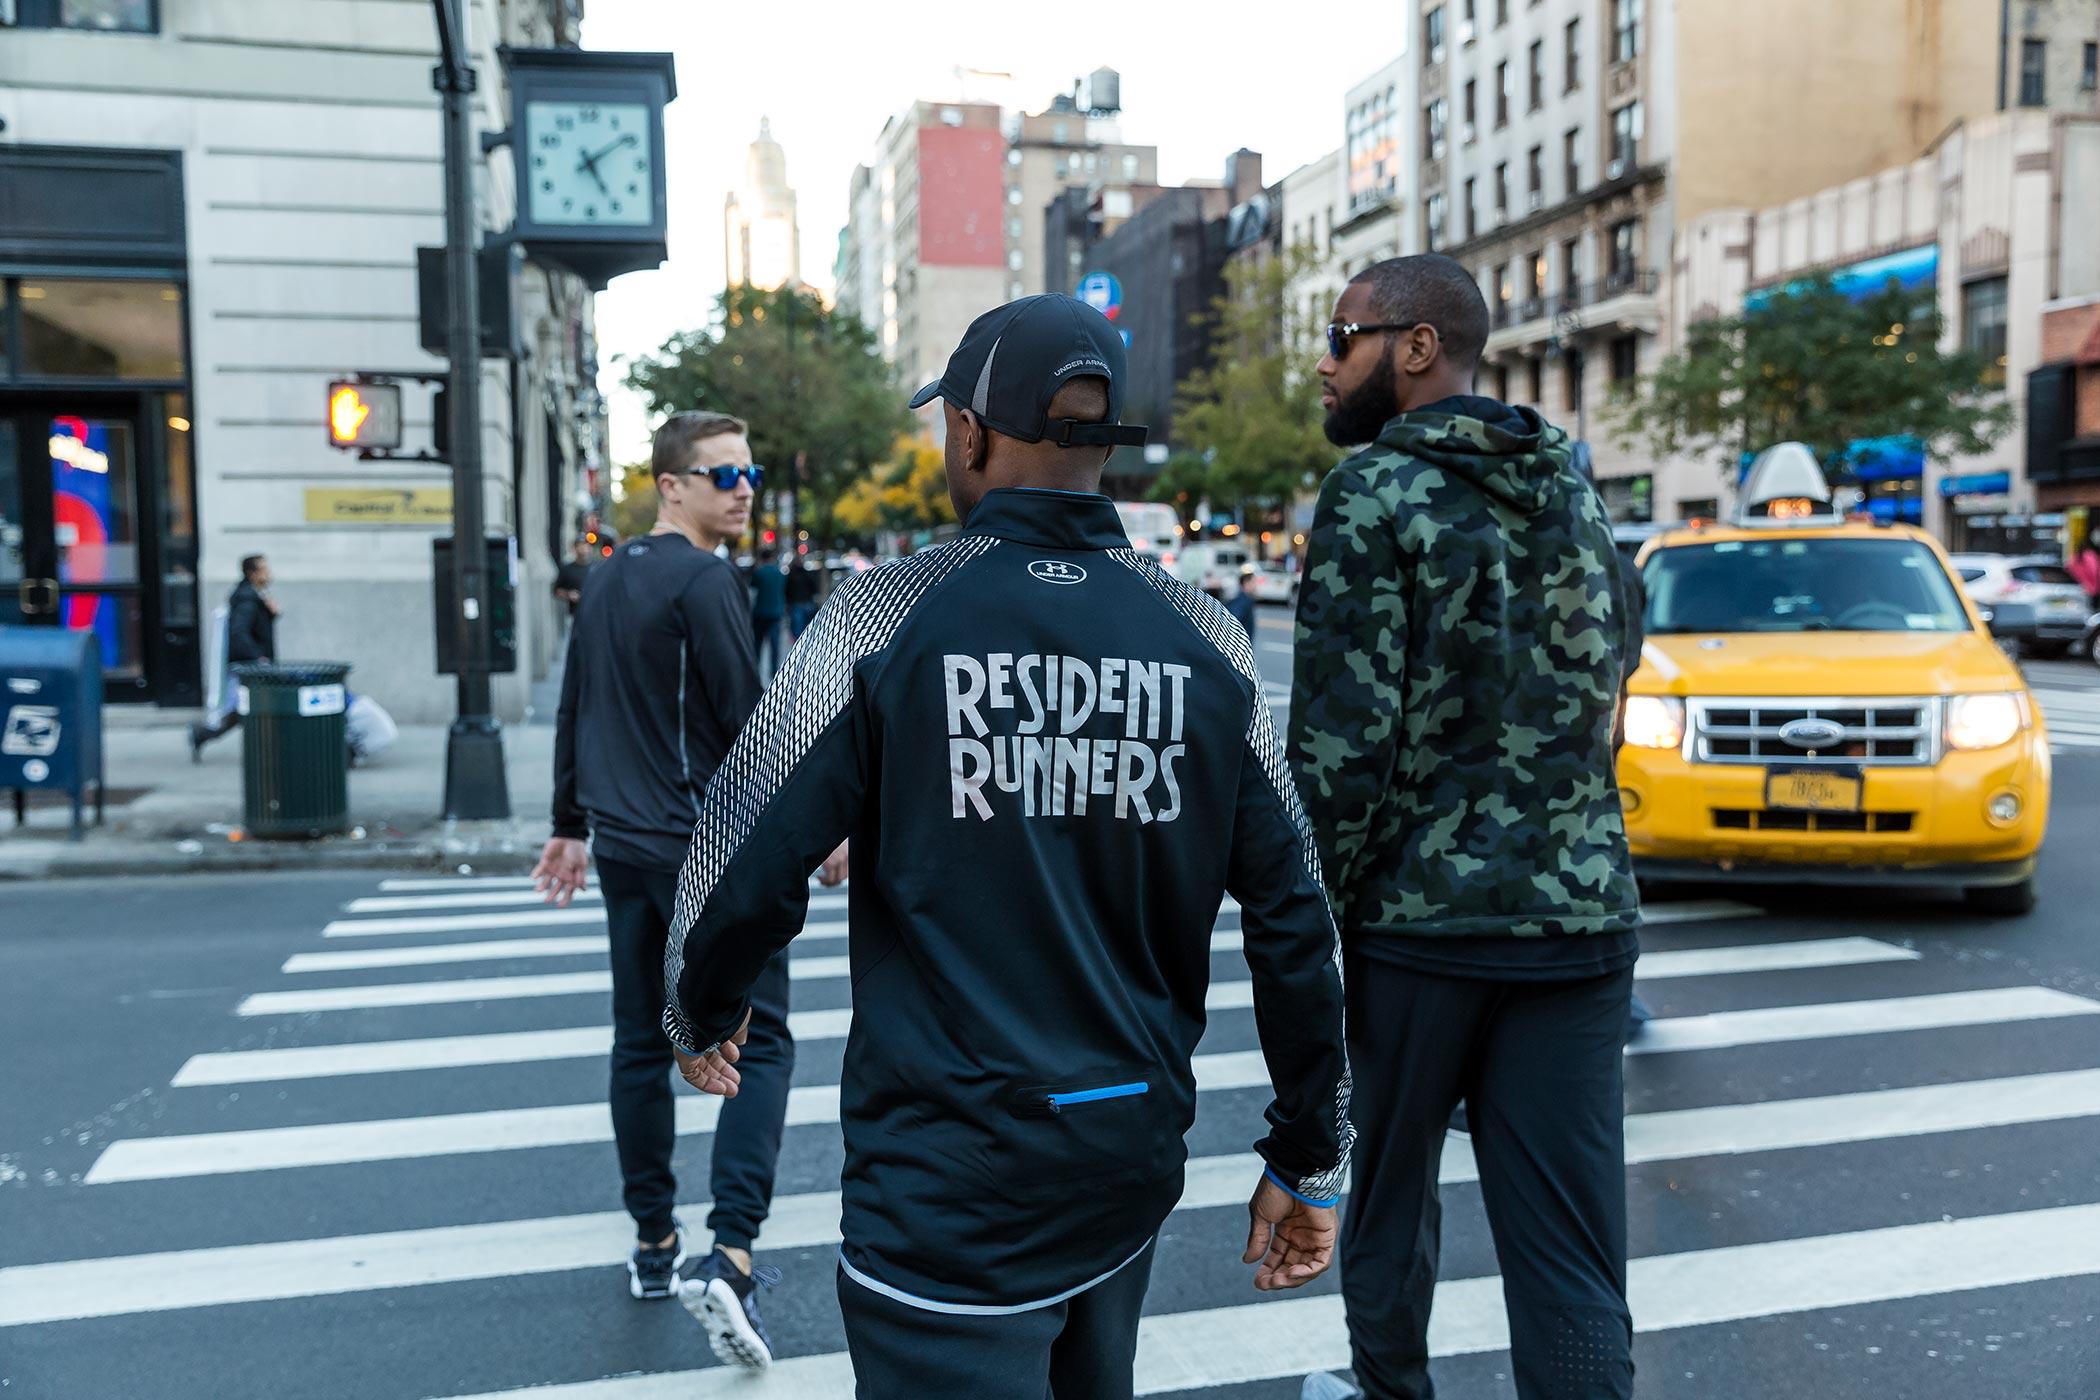 Resident_Runners_UA-16.jpg